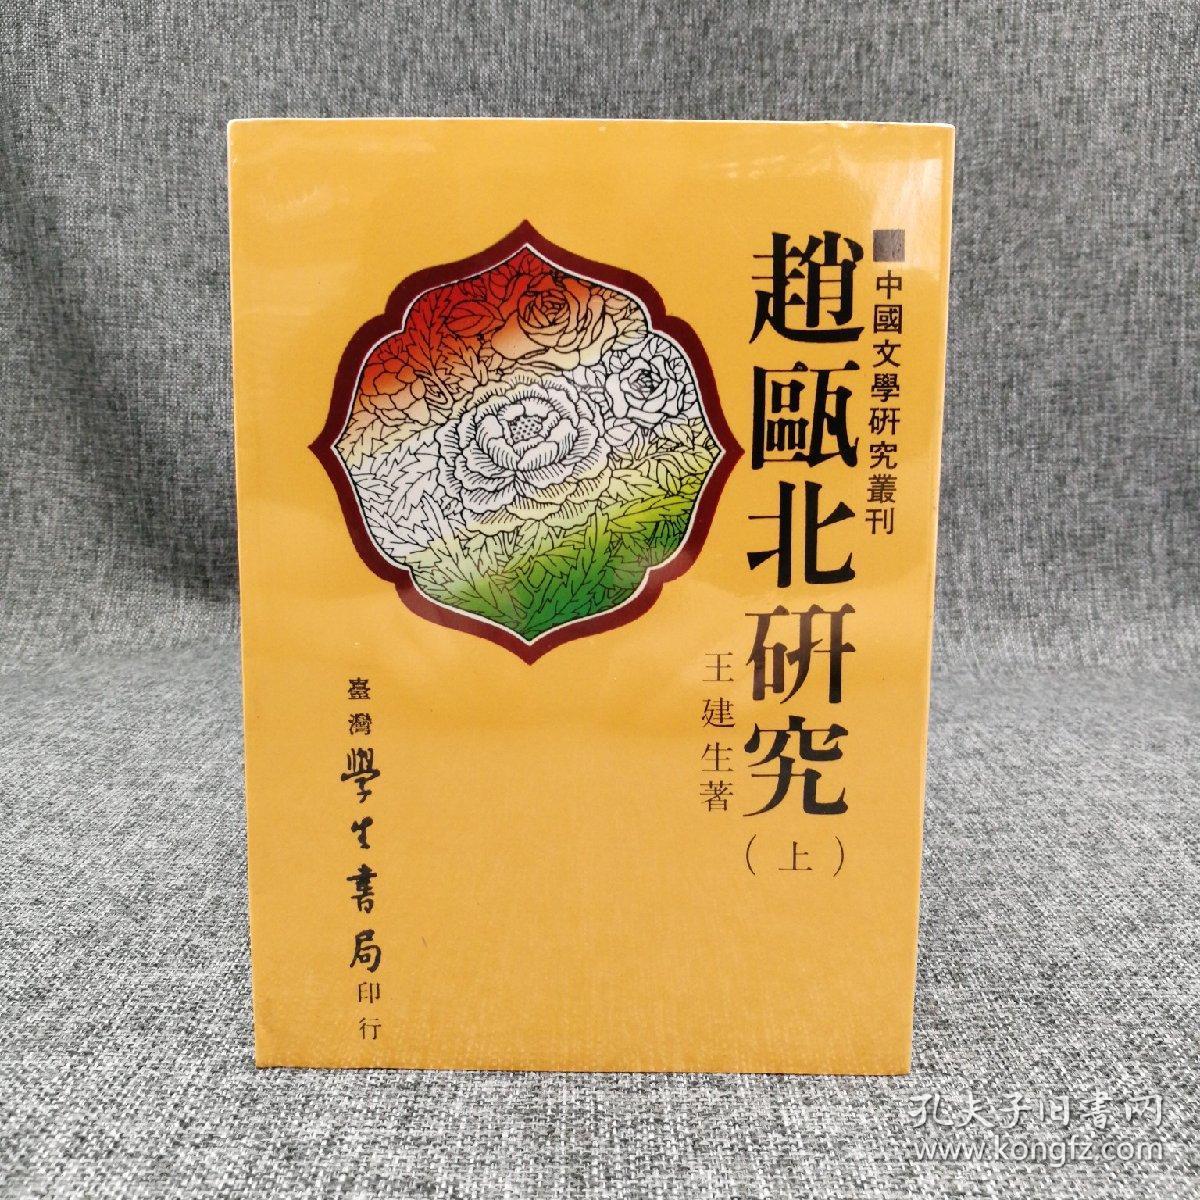 台湾学生书局版 王建生《趙甌北研究》(锁线胶订 上下册)